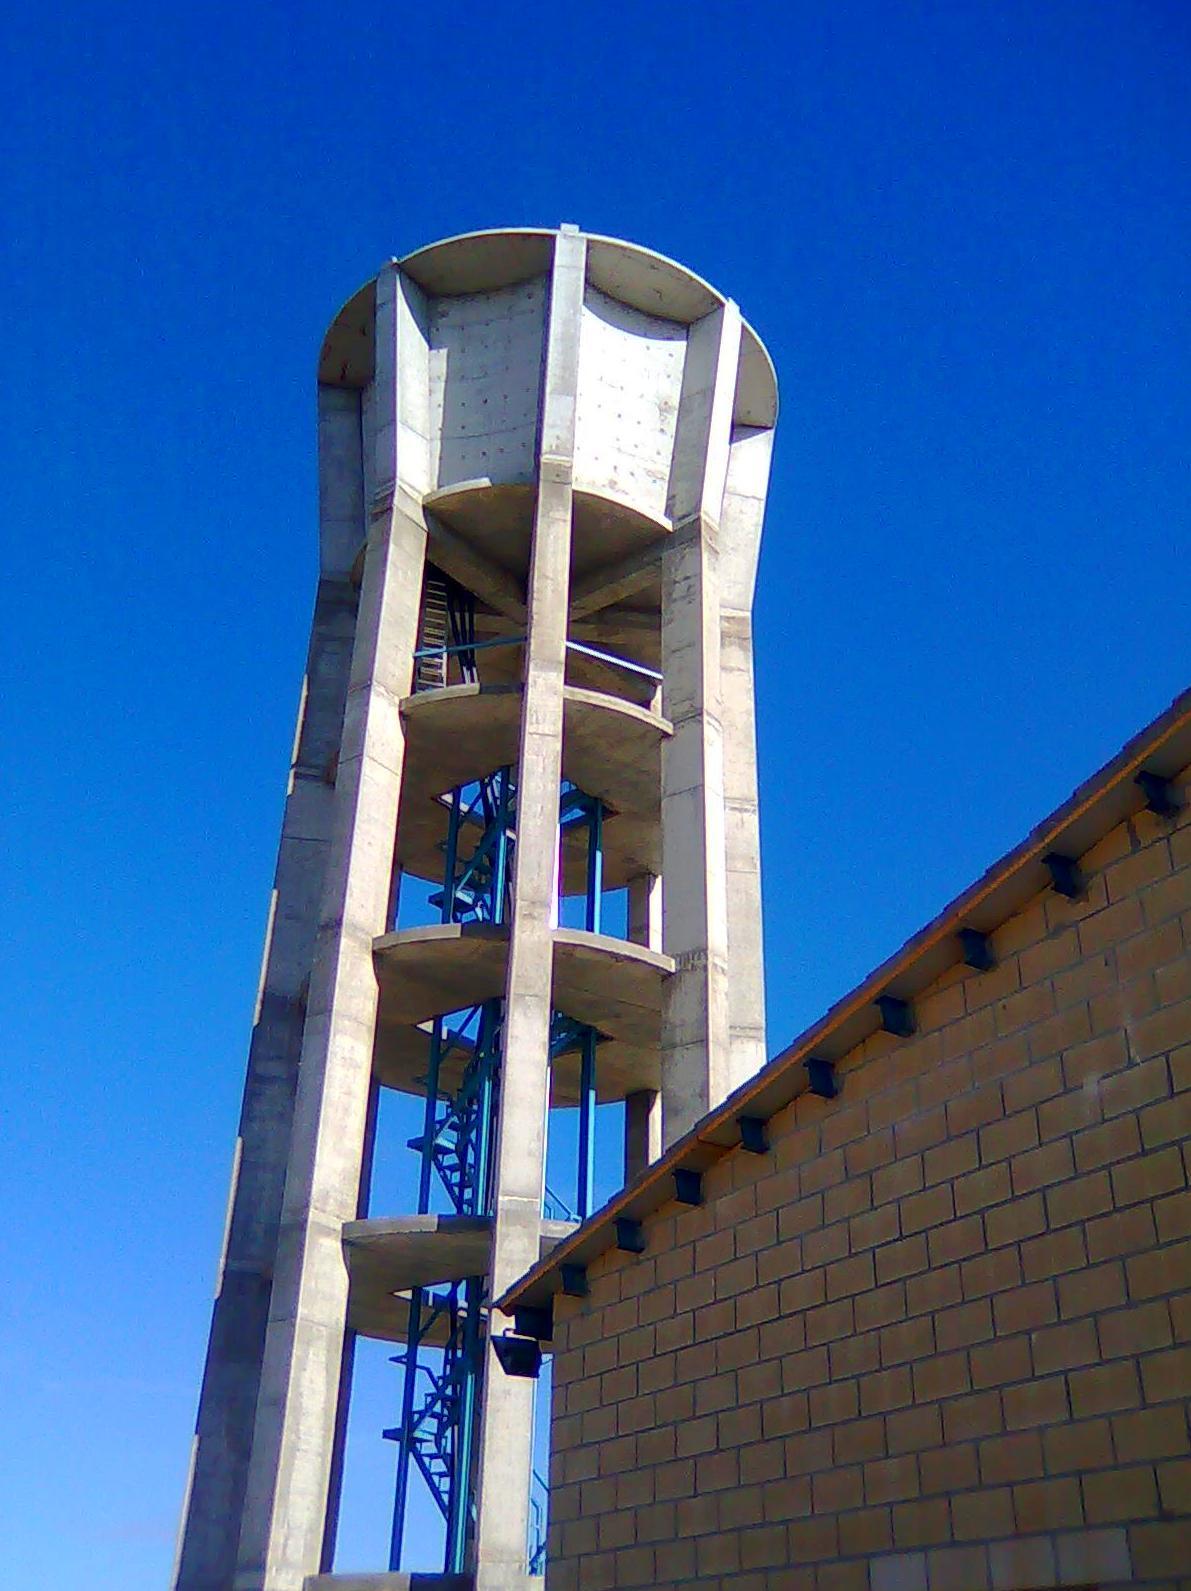 Impermeabilización interior de depósito de agua potable elevado